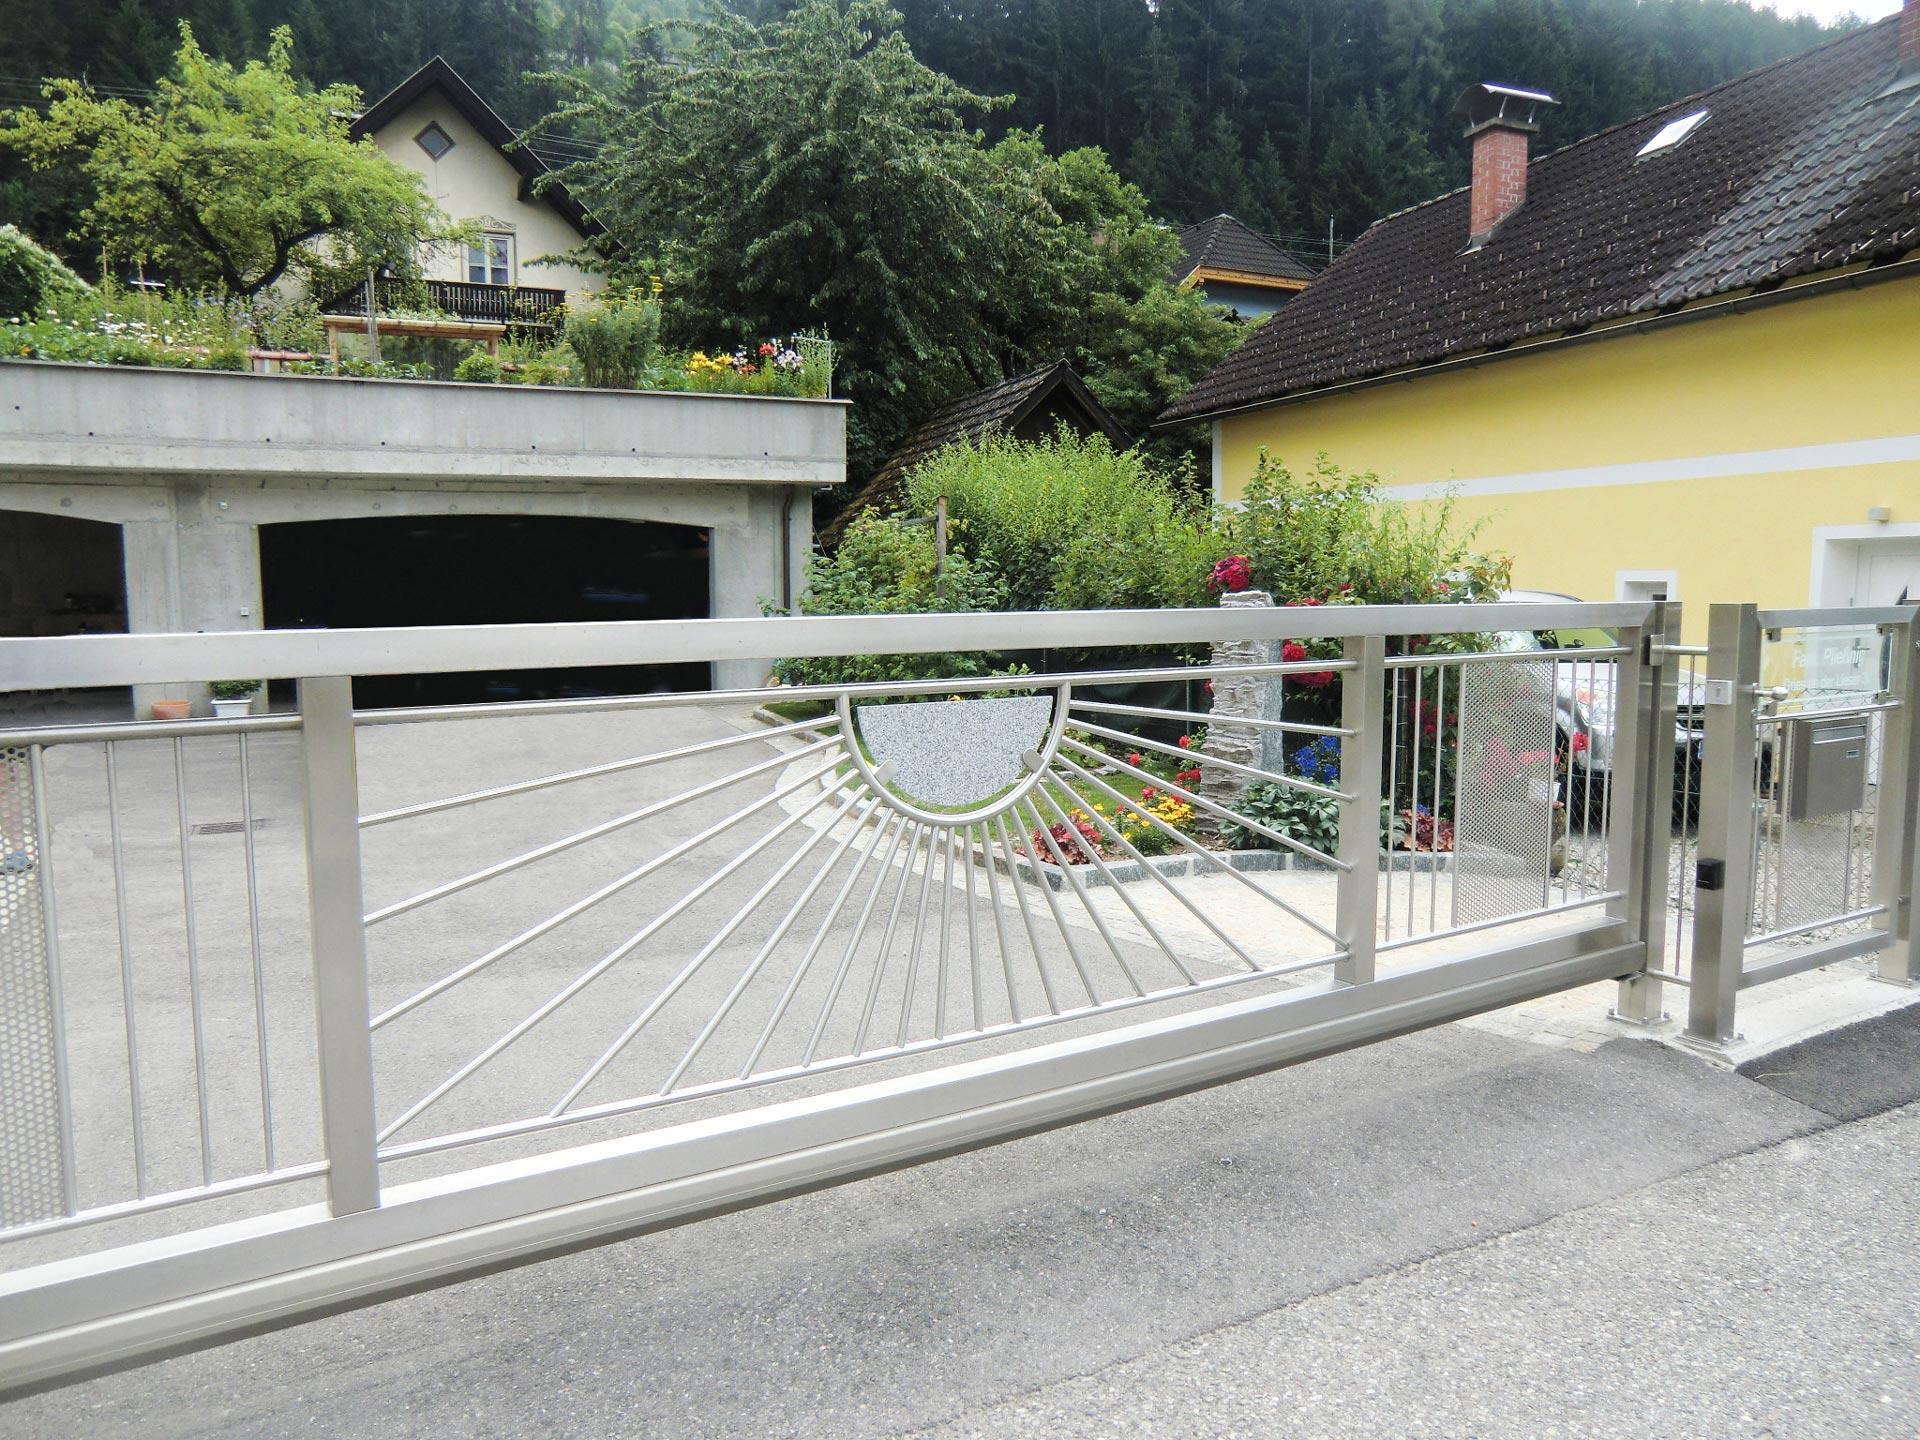 ZE Heidelberg 01   automatisches Edelstahl-Schiebetor, Sonnendekor und Stein   Svoboda Metalltechnik